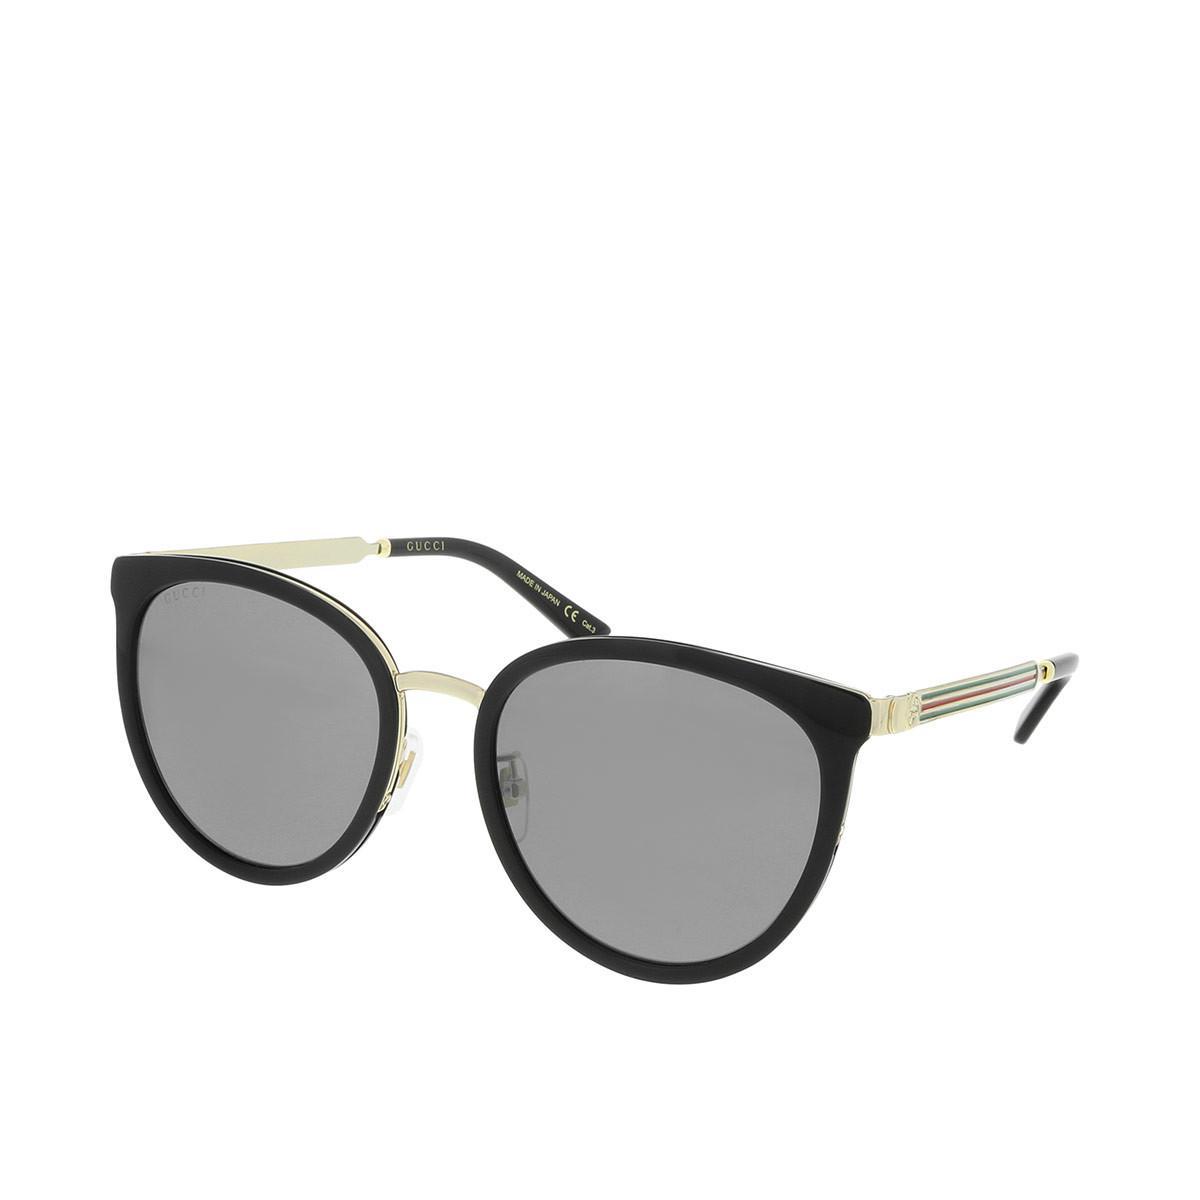 145851f843 Gucci - Black GG0077SK 006 56 - Lyst. View fullscreen